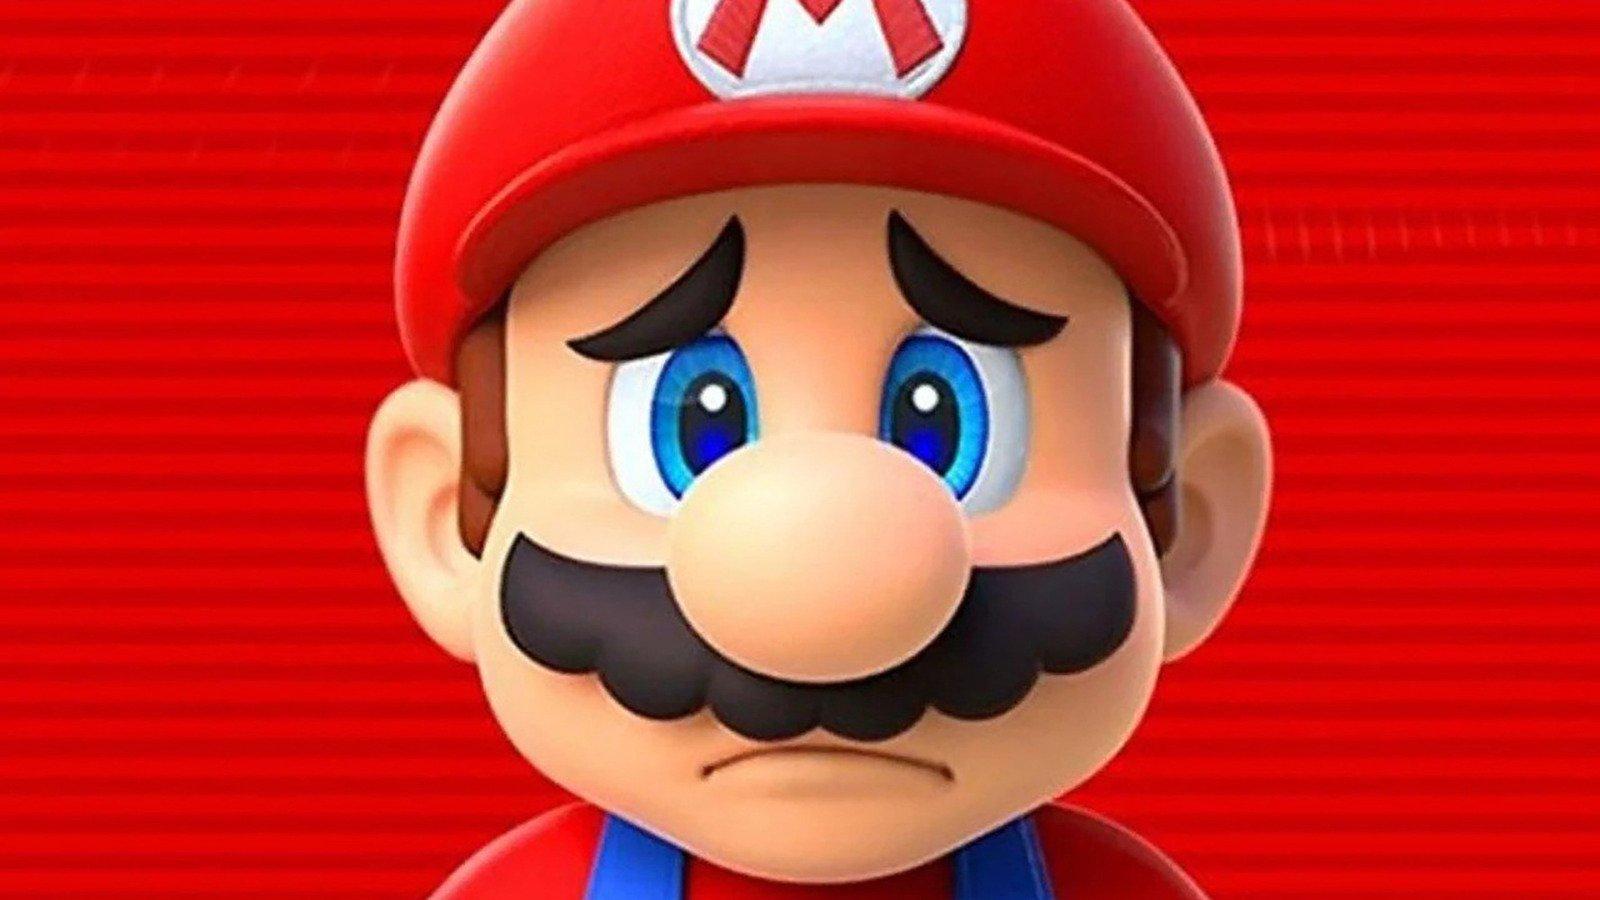 Chris Pratt Is Voicing Mario In The Animated Super Mario Bros. Movie - cover